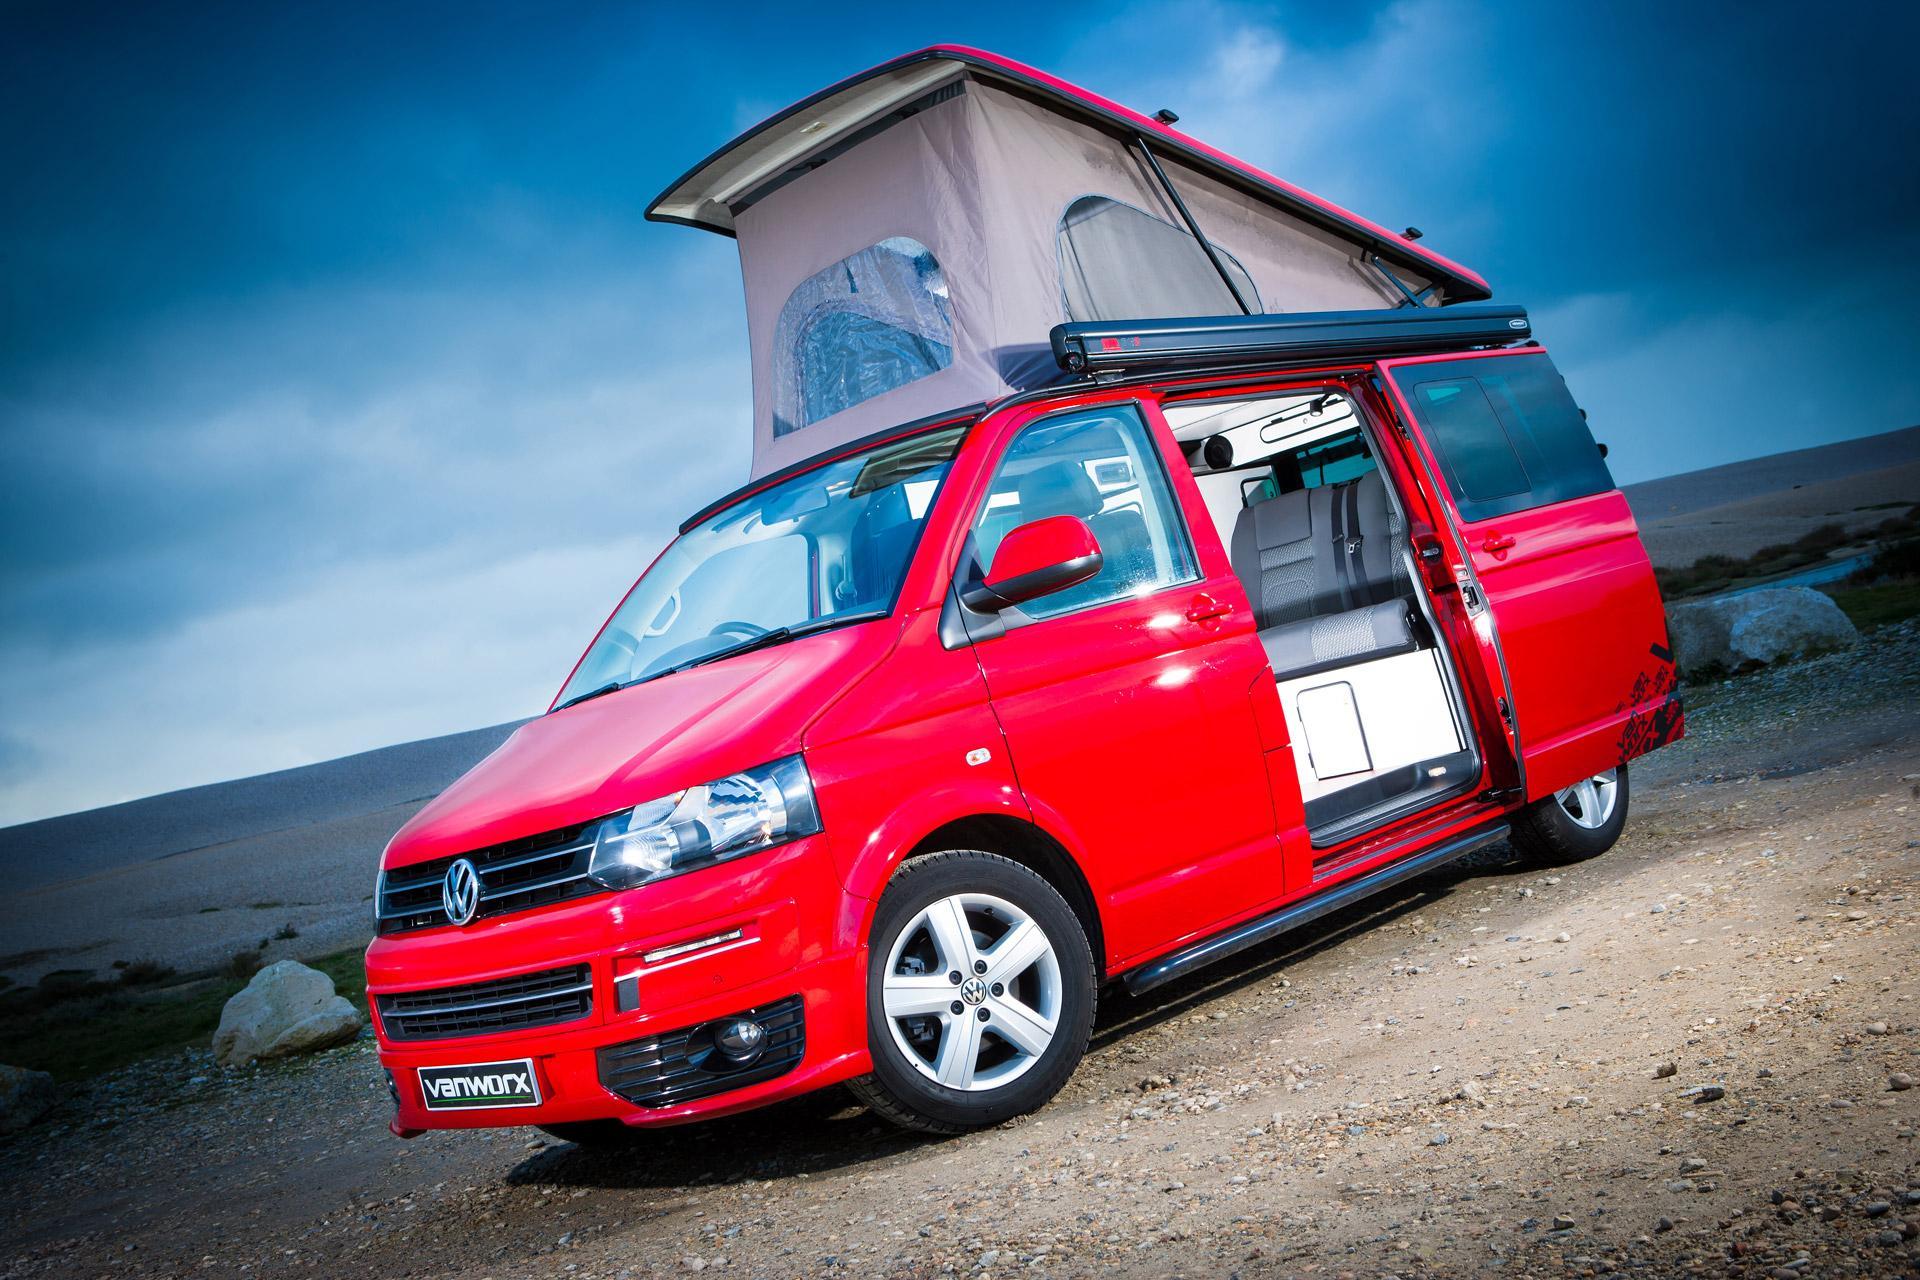 Vanworx Conversions Of VW Camper And Kombi Vans From UK Based Team